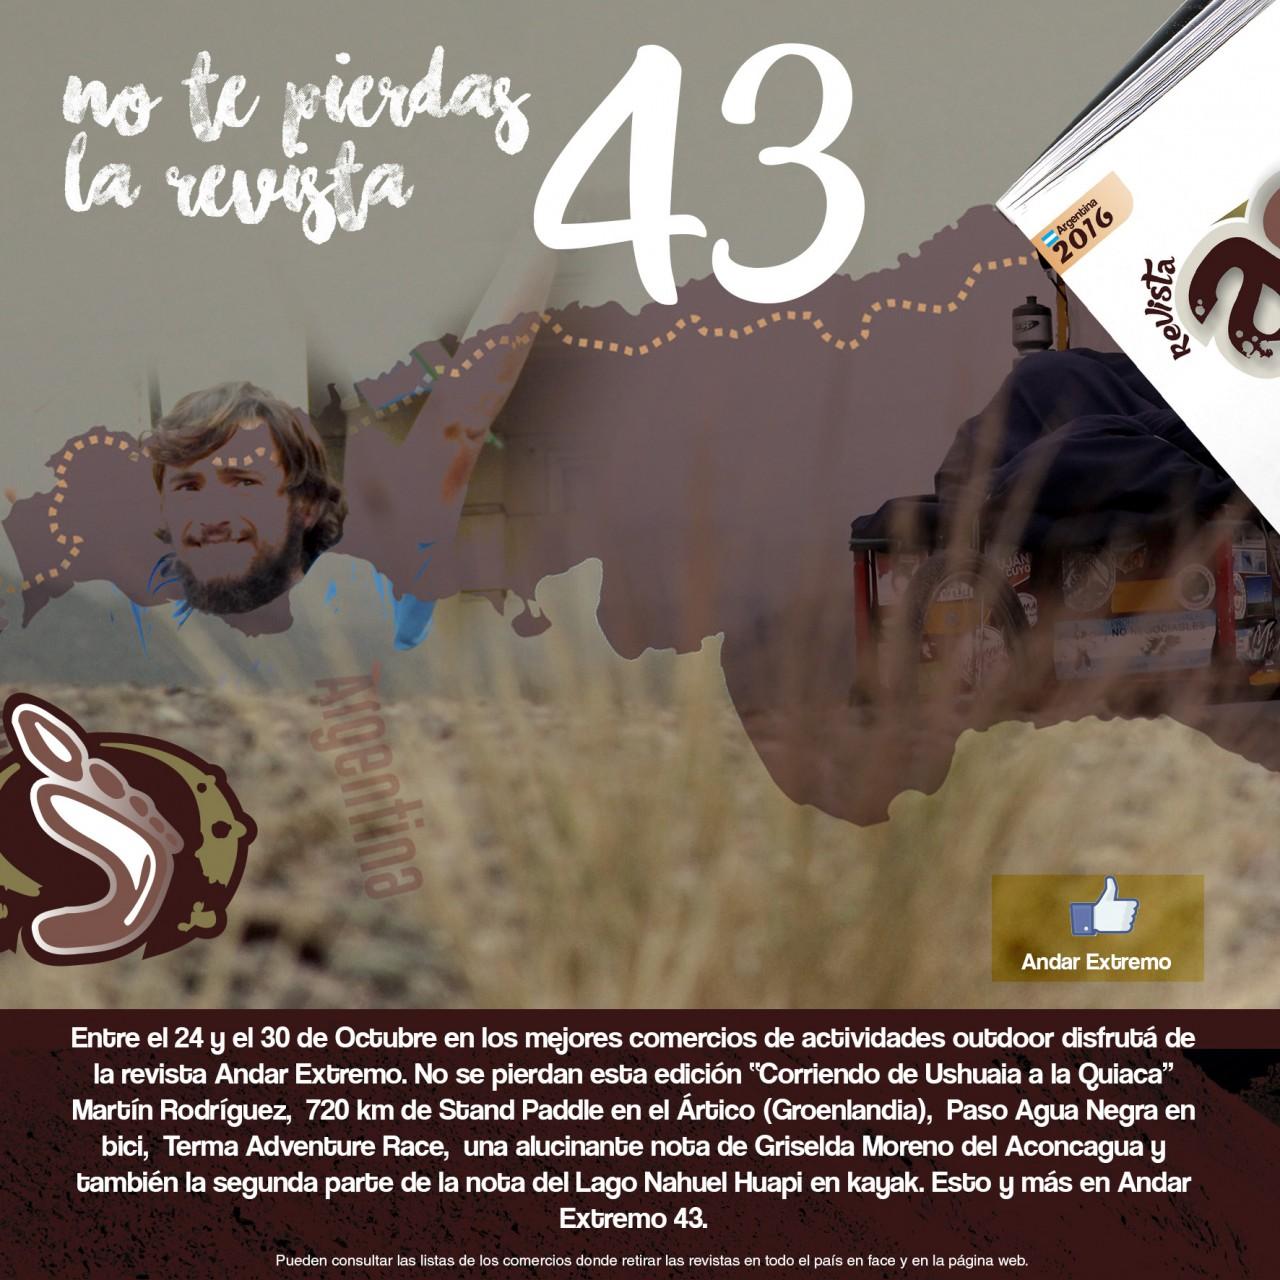 publicidad43